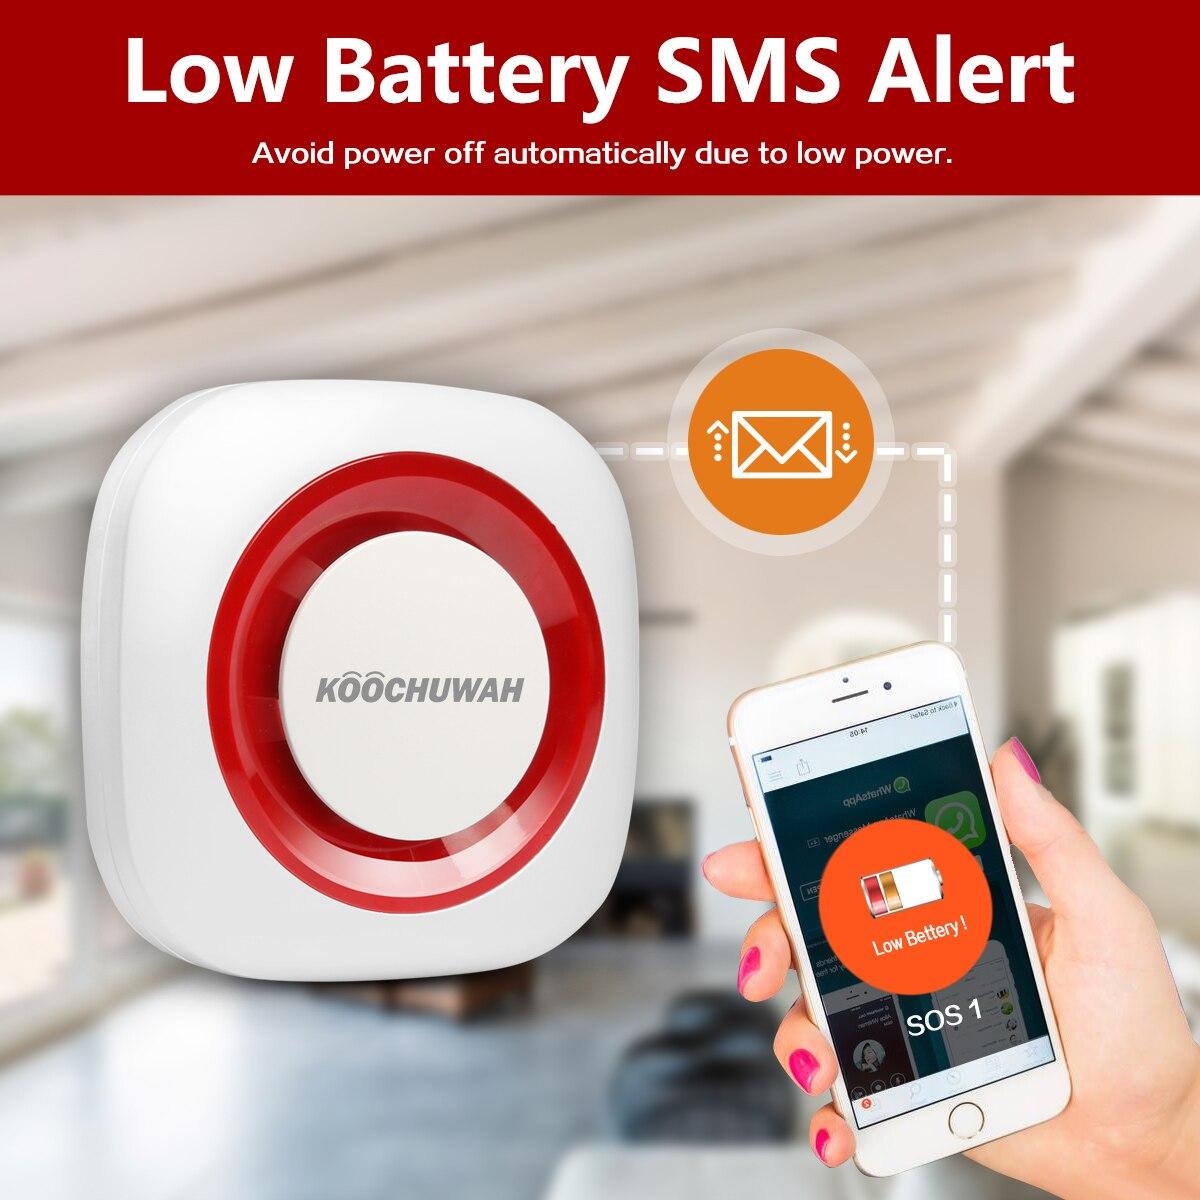 sms notificação botão de emergência chamada automática